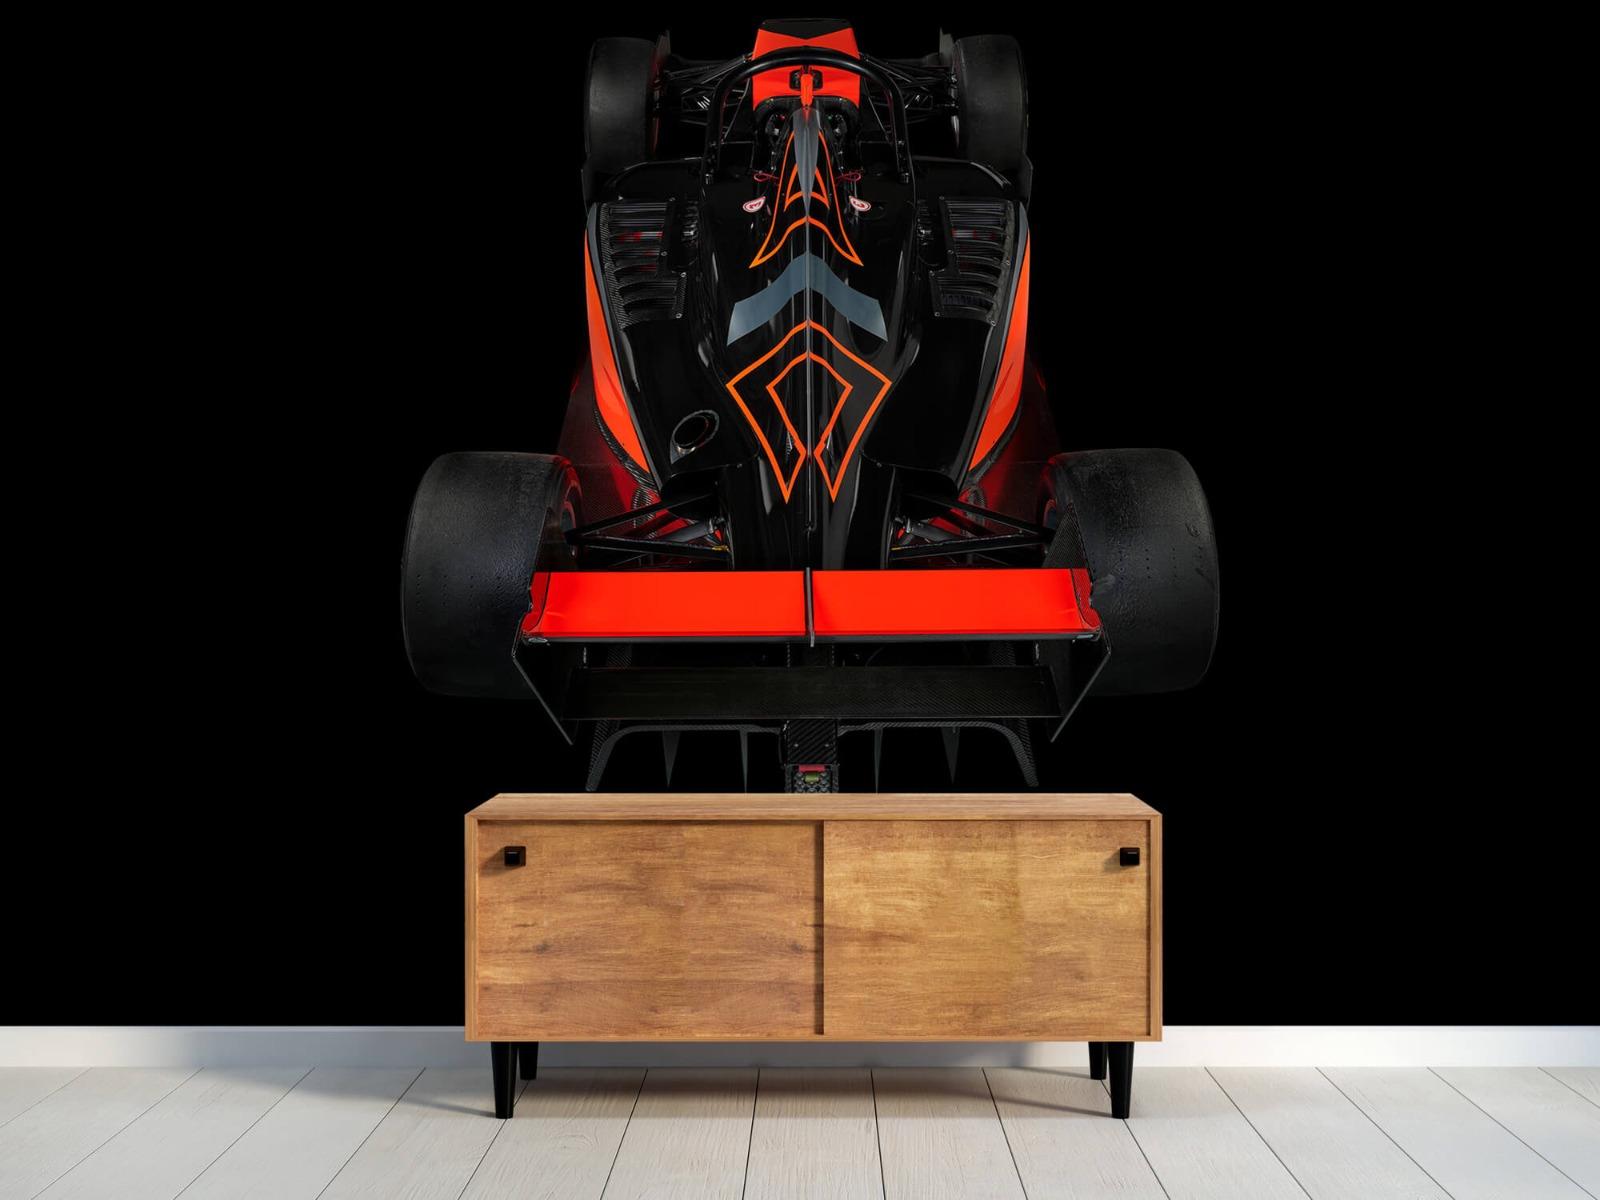 Sportauto's - Formule 3 - Rear view - dark - Tienerkamer 9